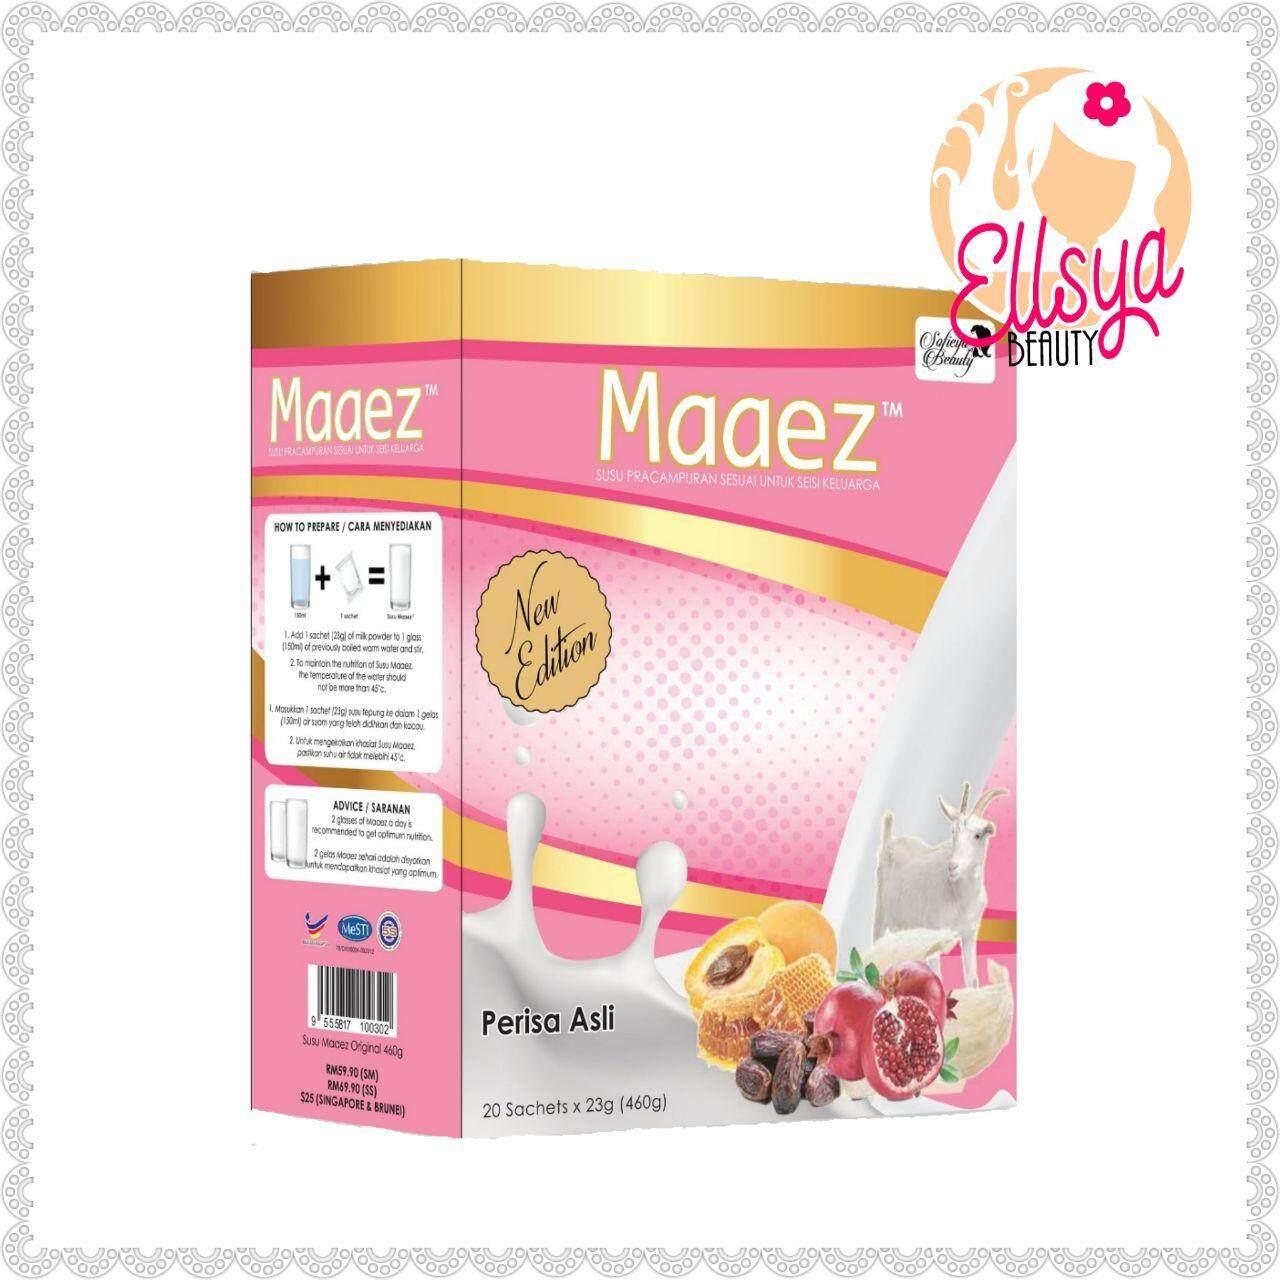 Fitur Cream Susu Domba 20 Gram Dan Harga Terbaru Info Maaez Asli Sachets